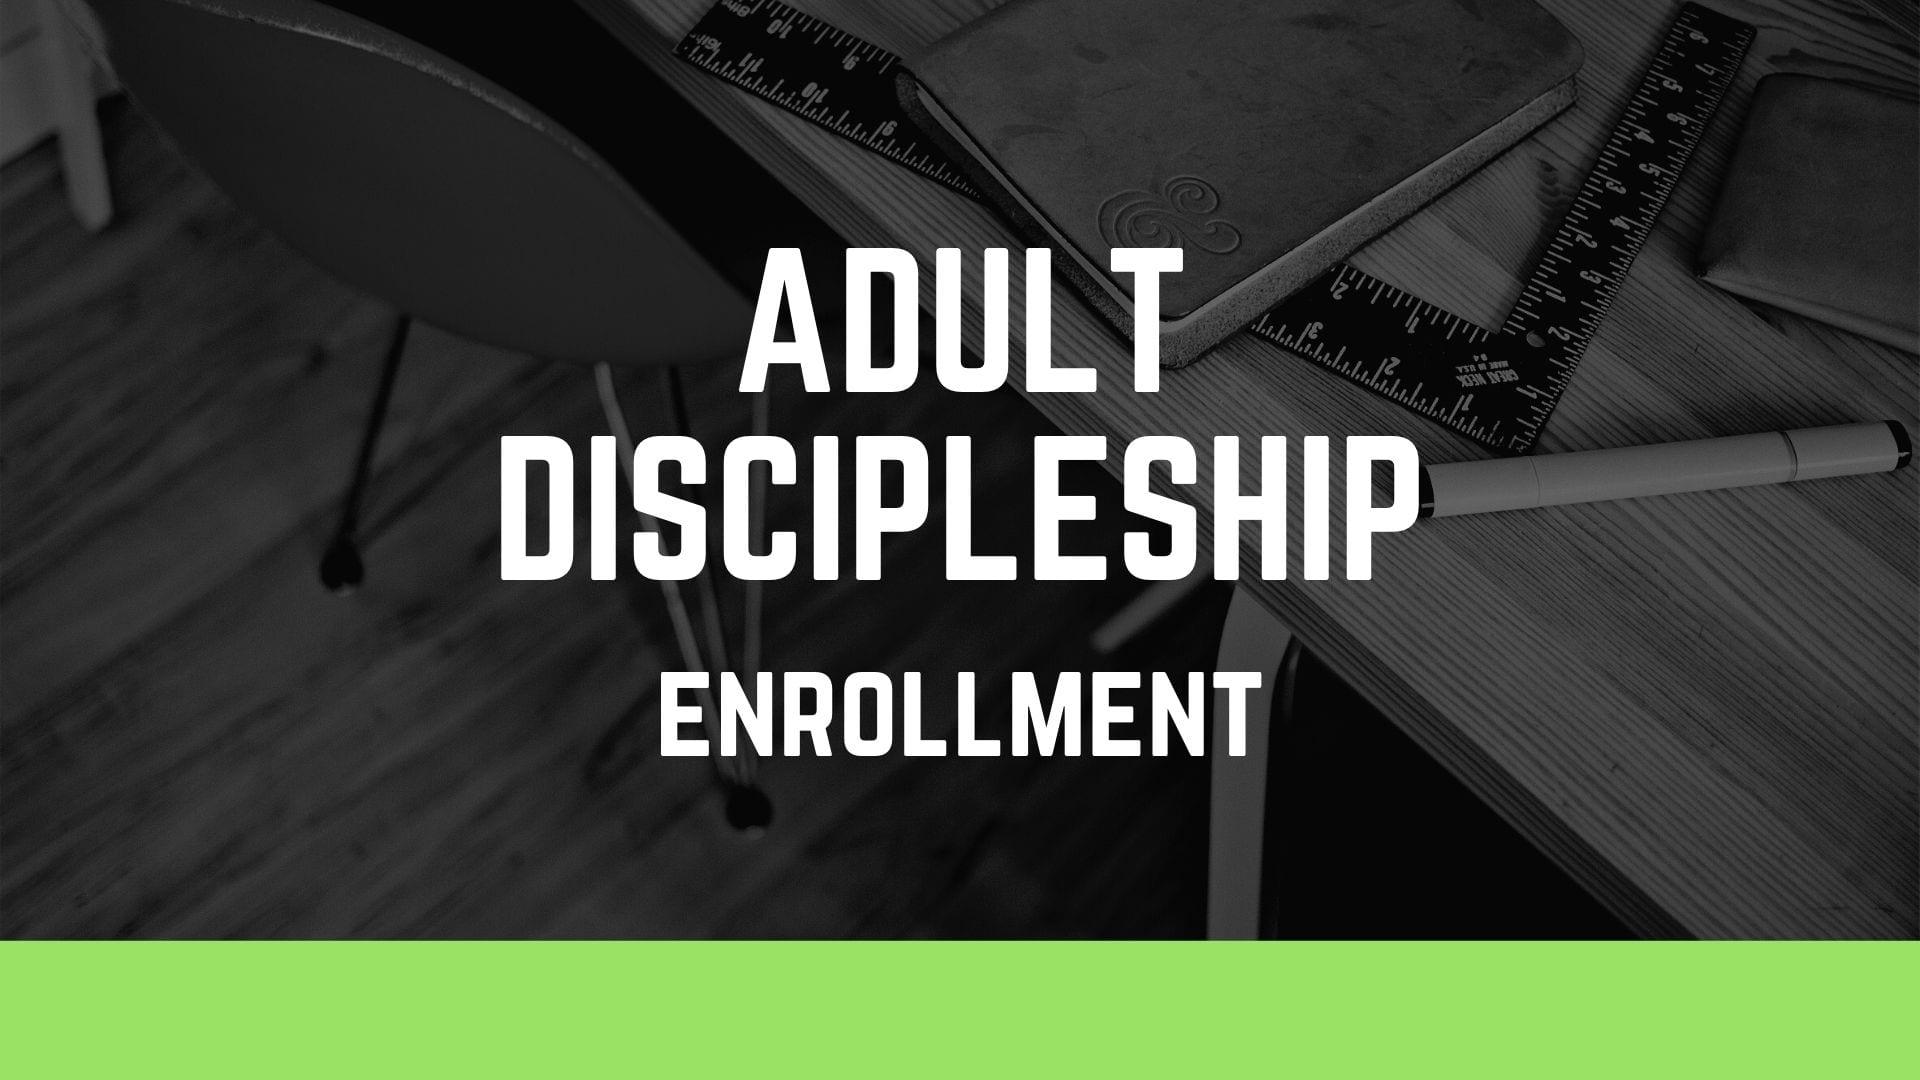 Adult Discipleship Enrollment